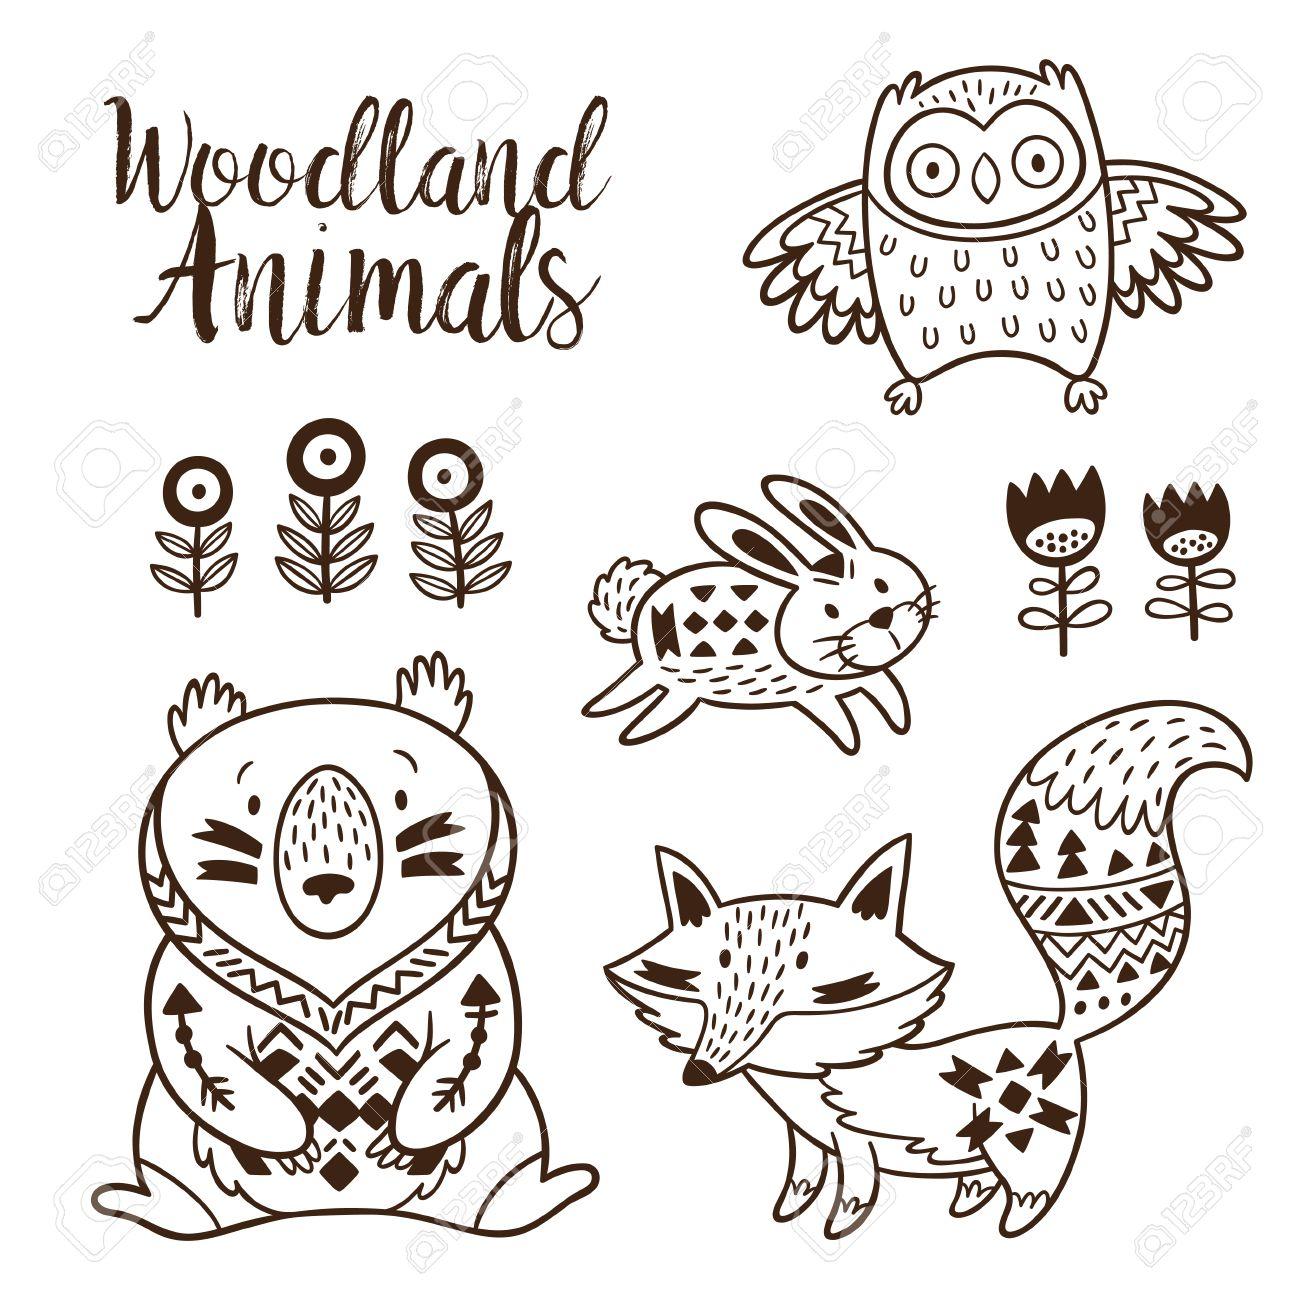 子供のための森林動物彩色のページ。白地に手書き。塗り絵。装飾的な